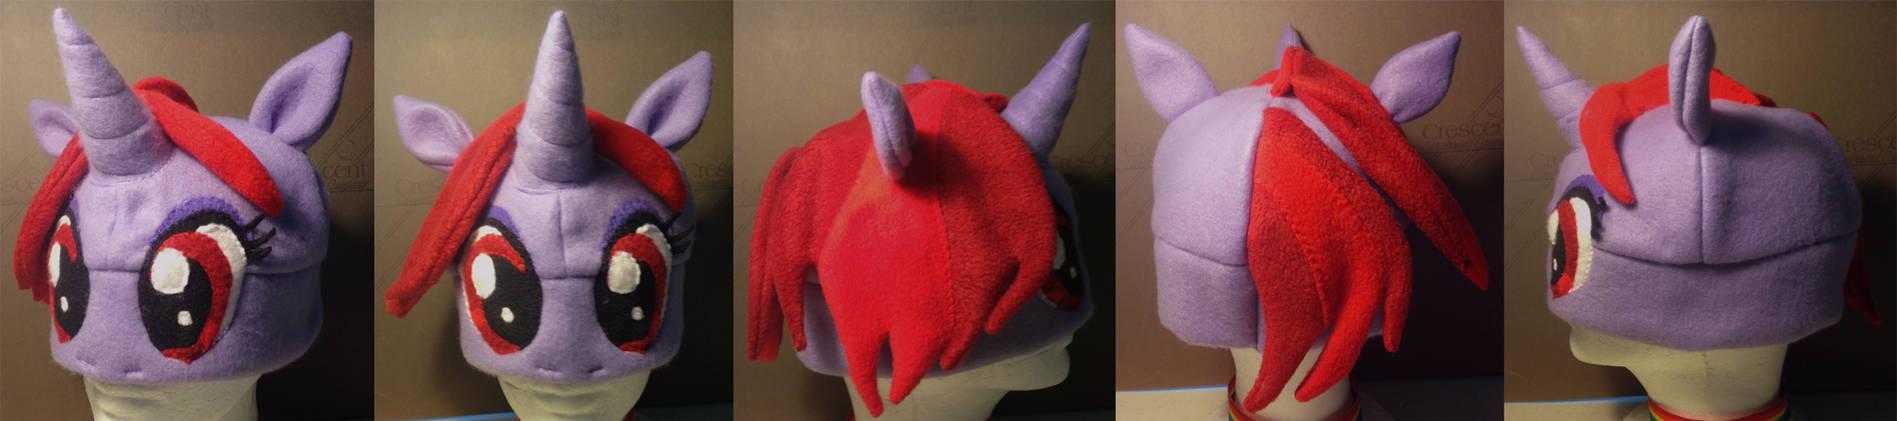 Dawnfire Hat